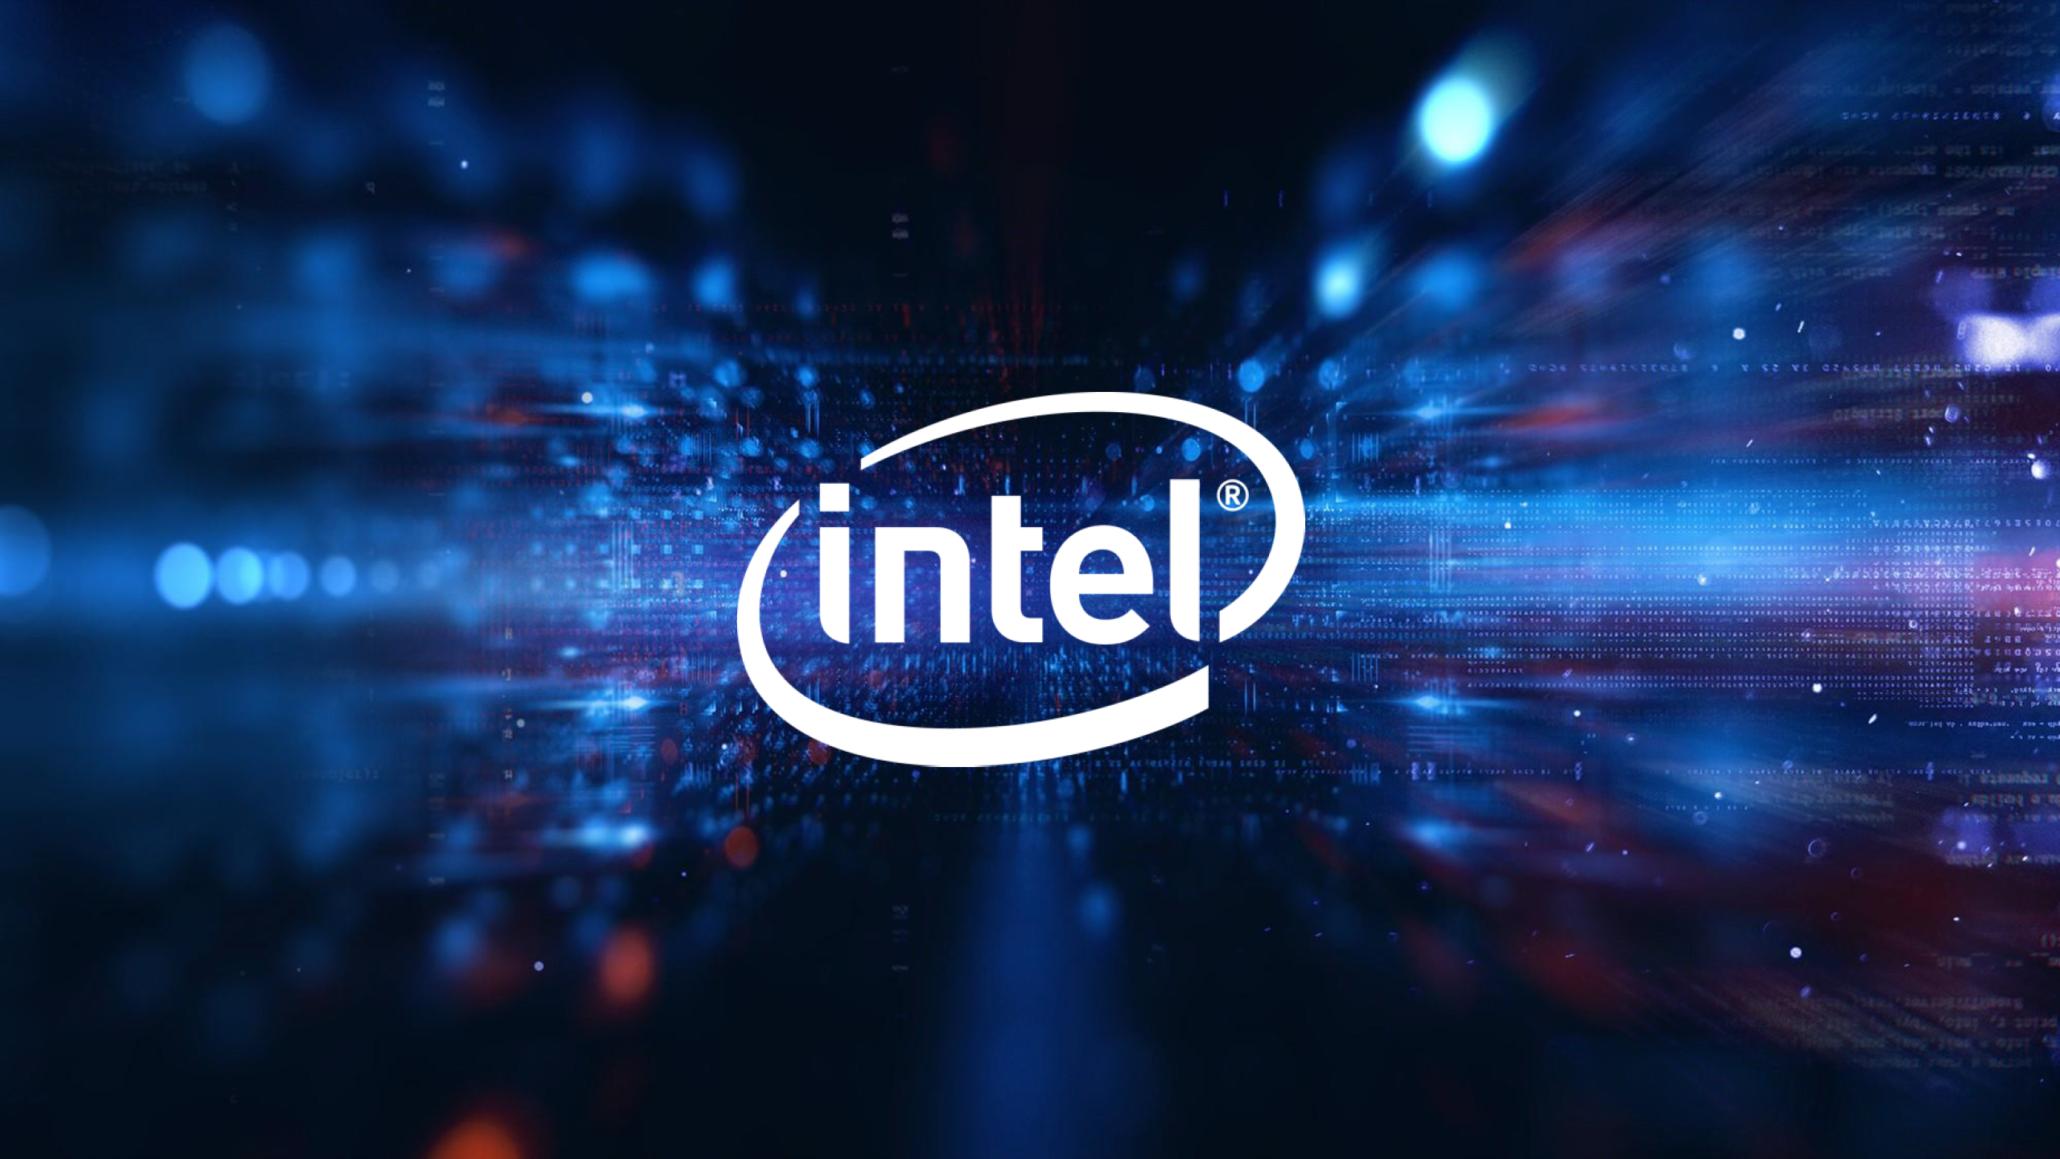 На страницах интернет-магазинов появились процессоры Intel Core 10-го поколения с суффиксом KA